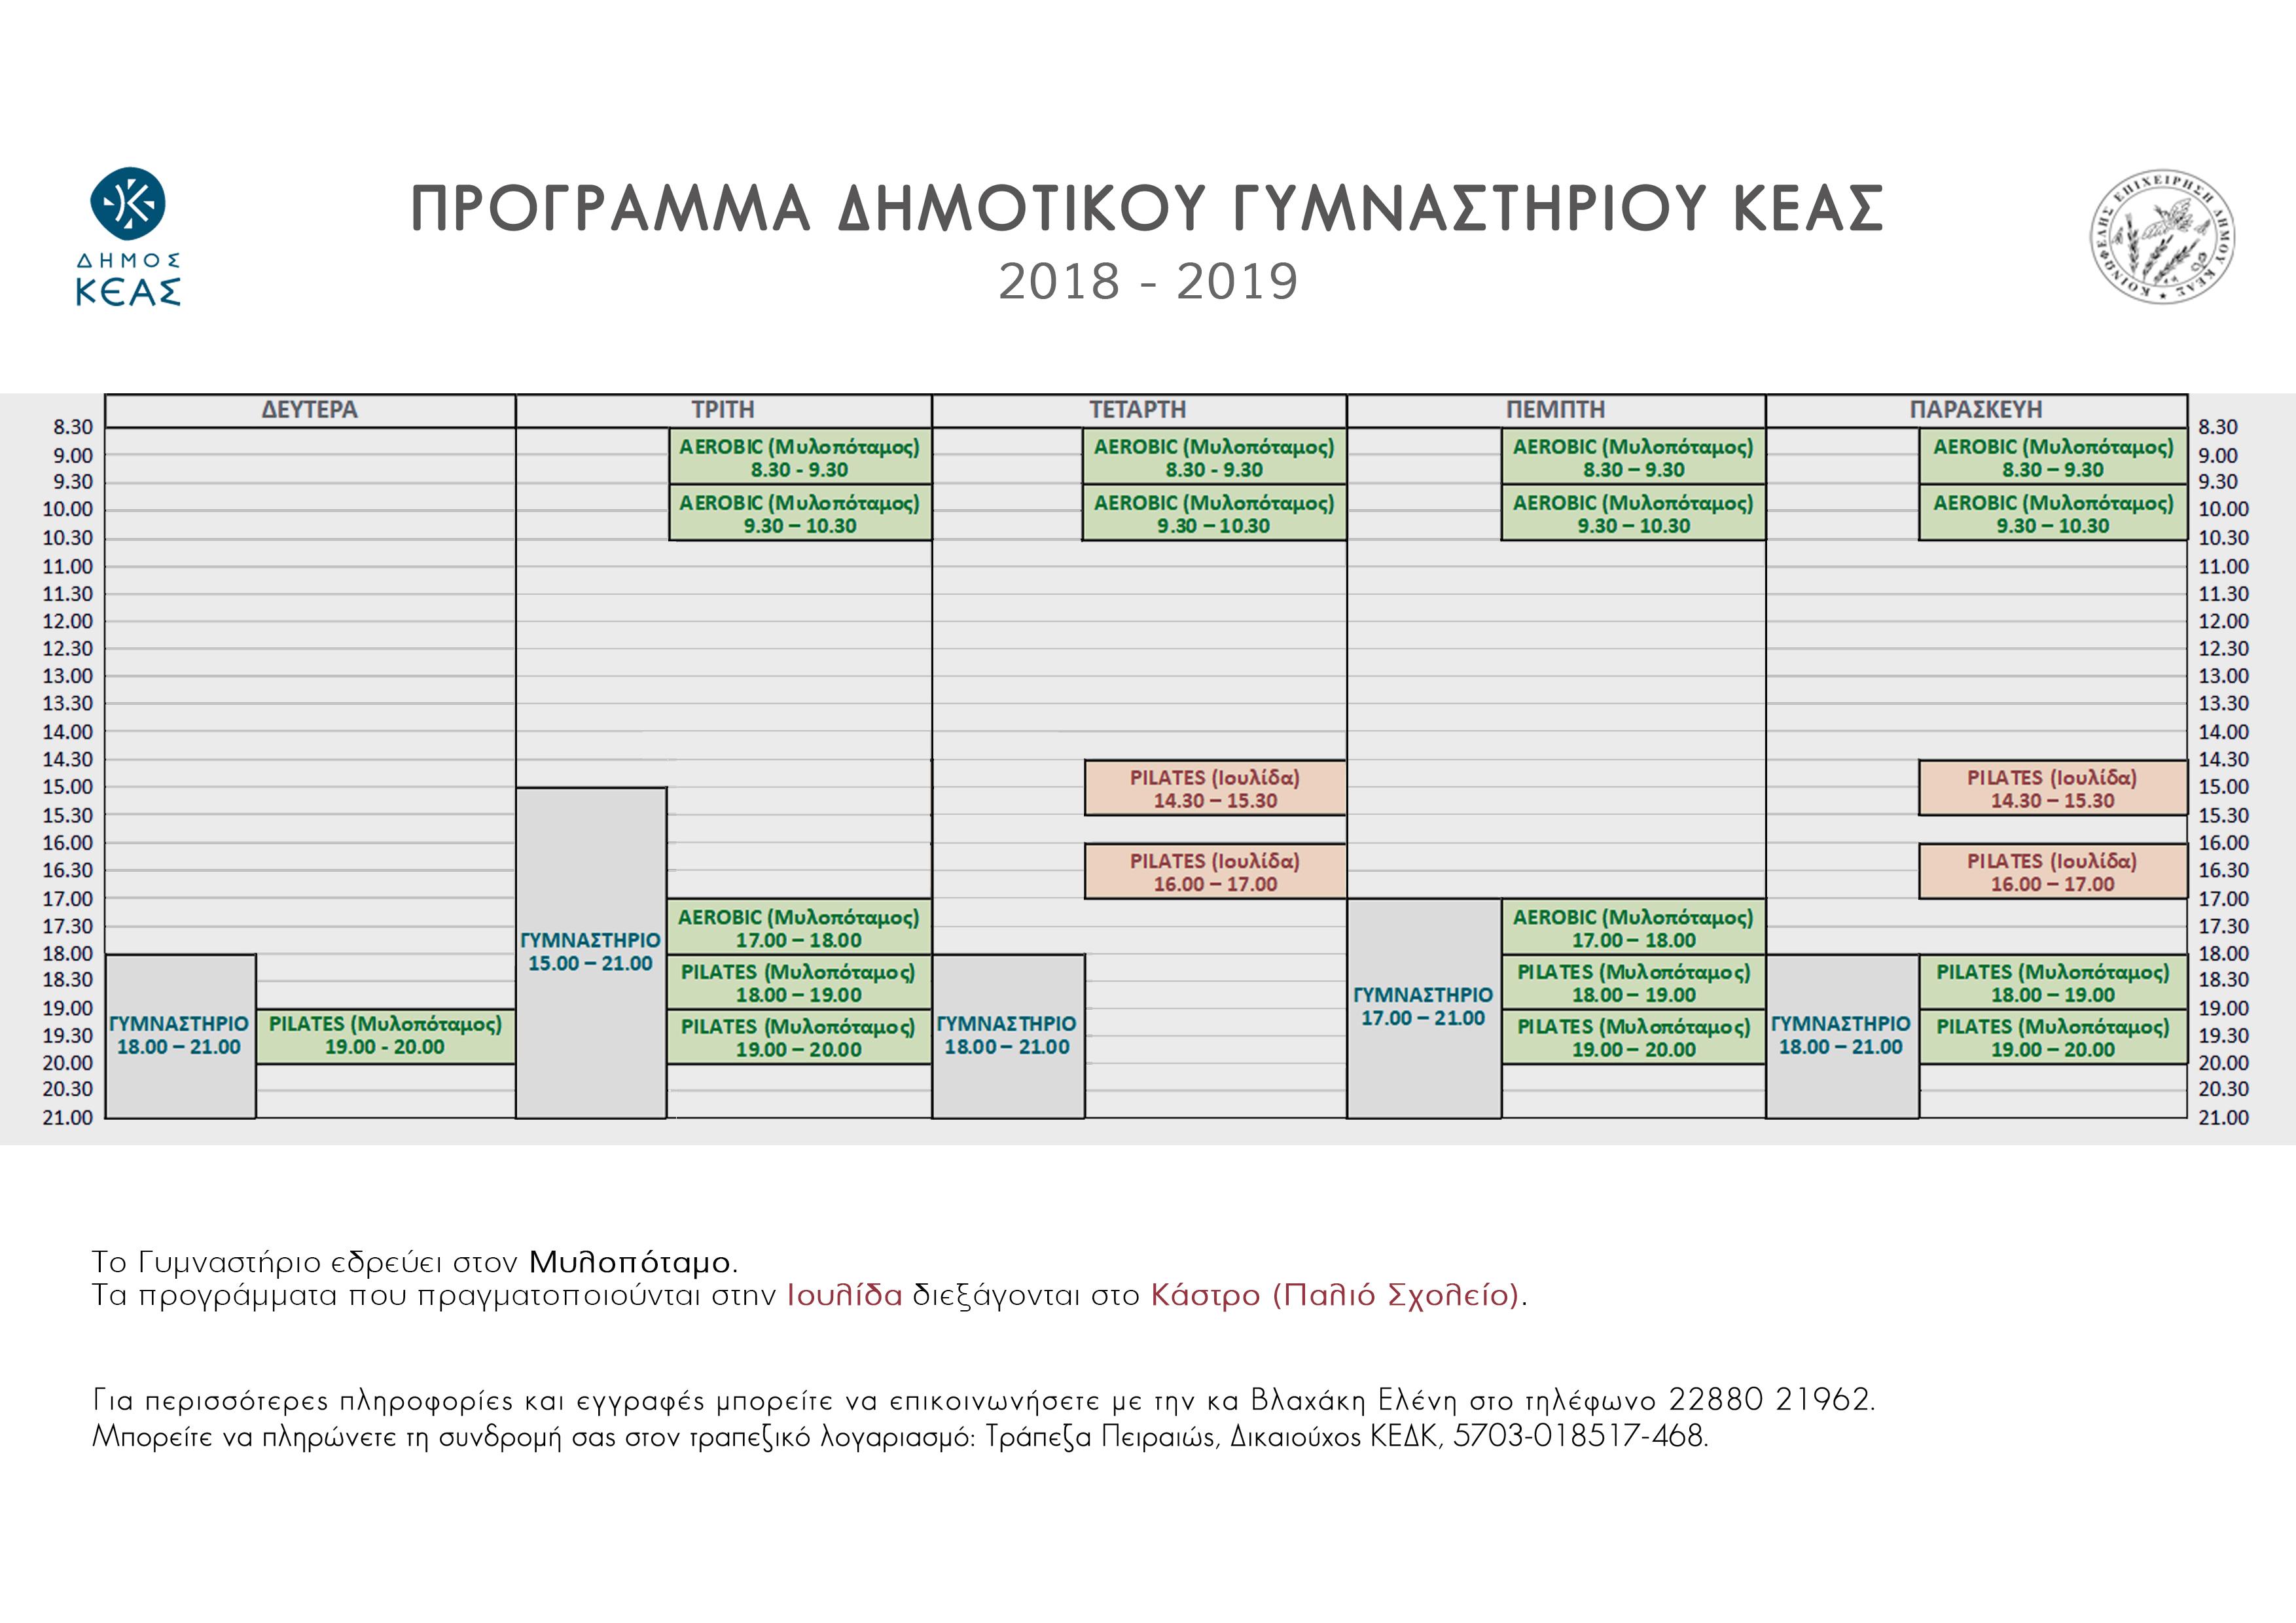 Πρόγραμμα Δημοτικού Γυμναστηρίου Κέας 2018 – 2019